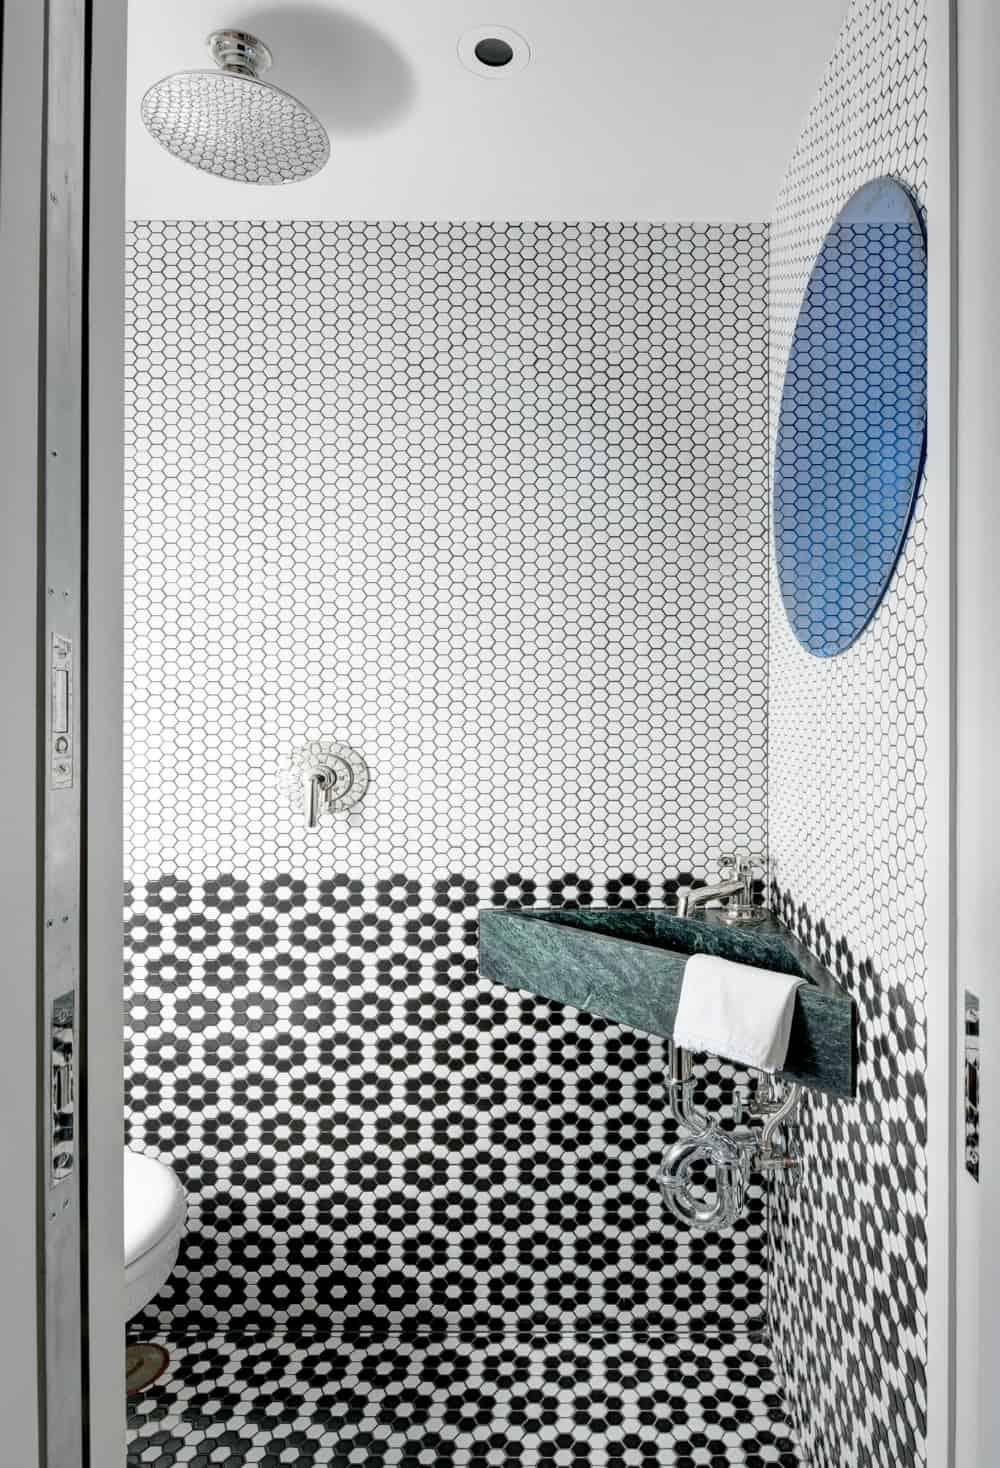 Hexagonal tiles in powder room design